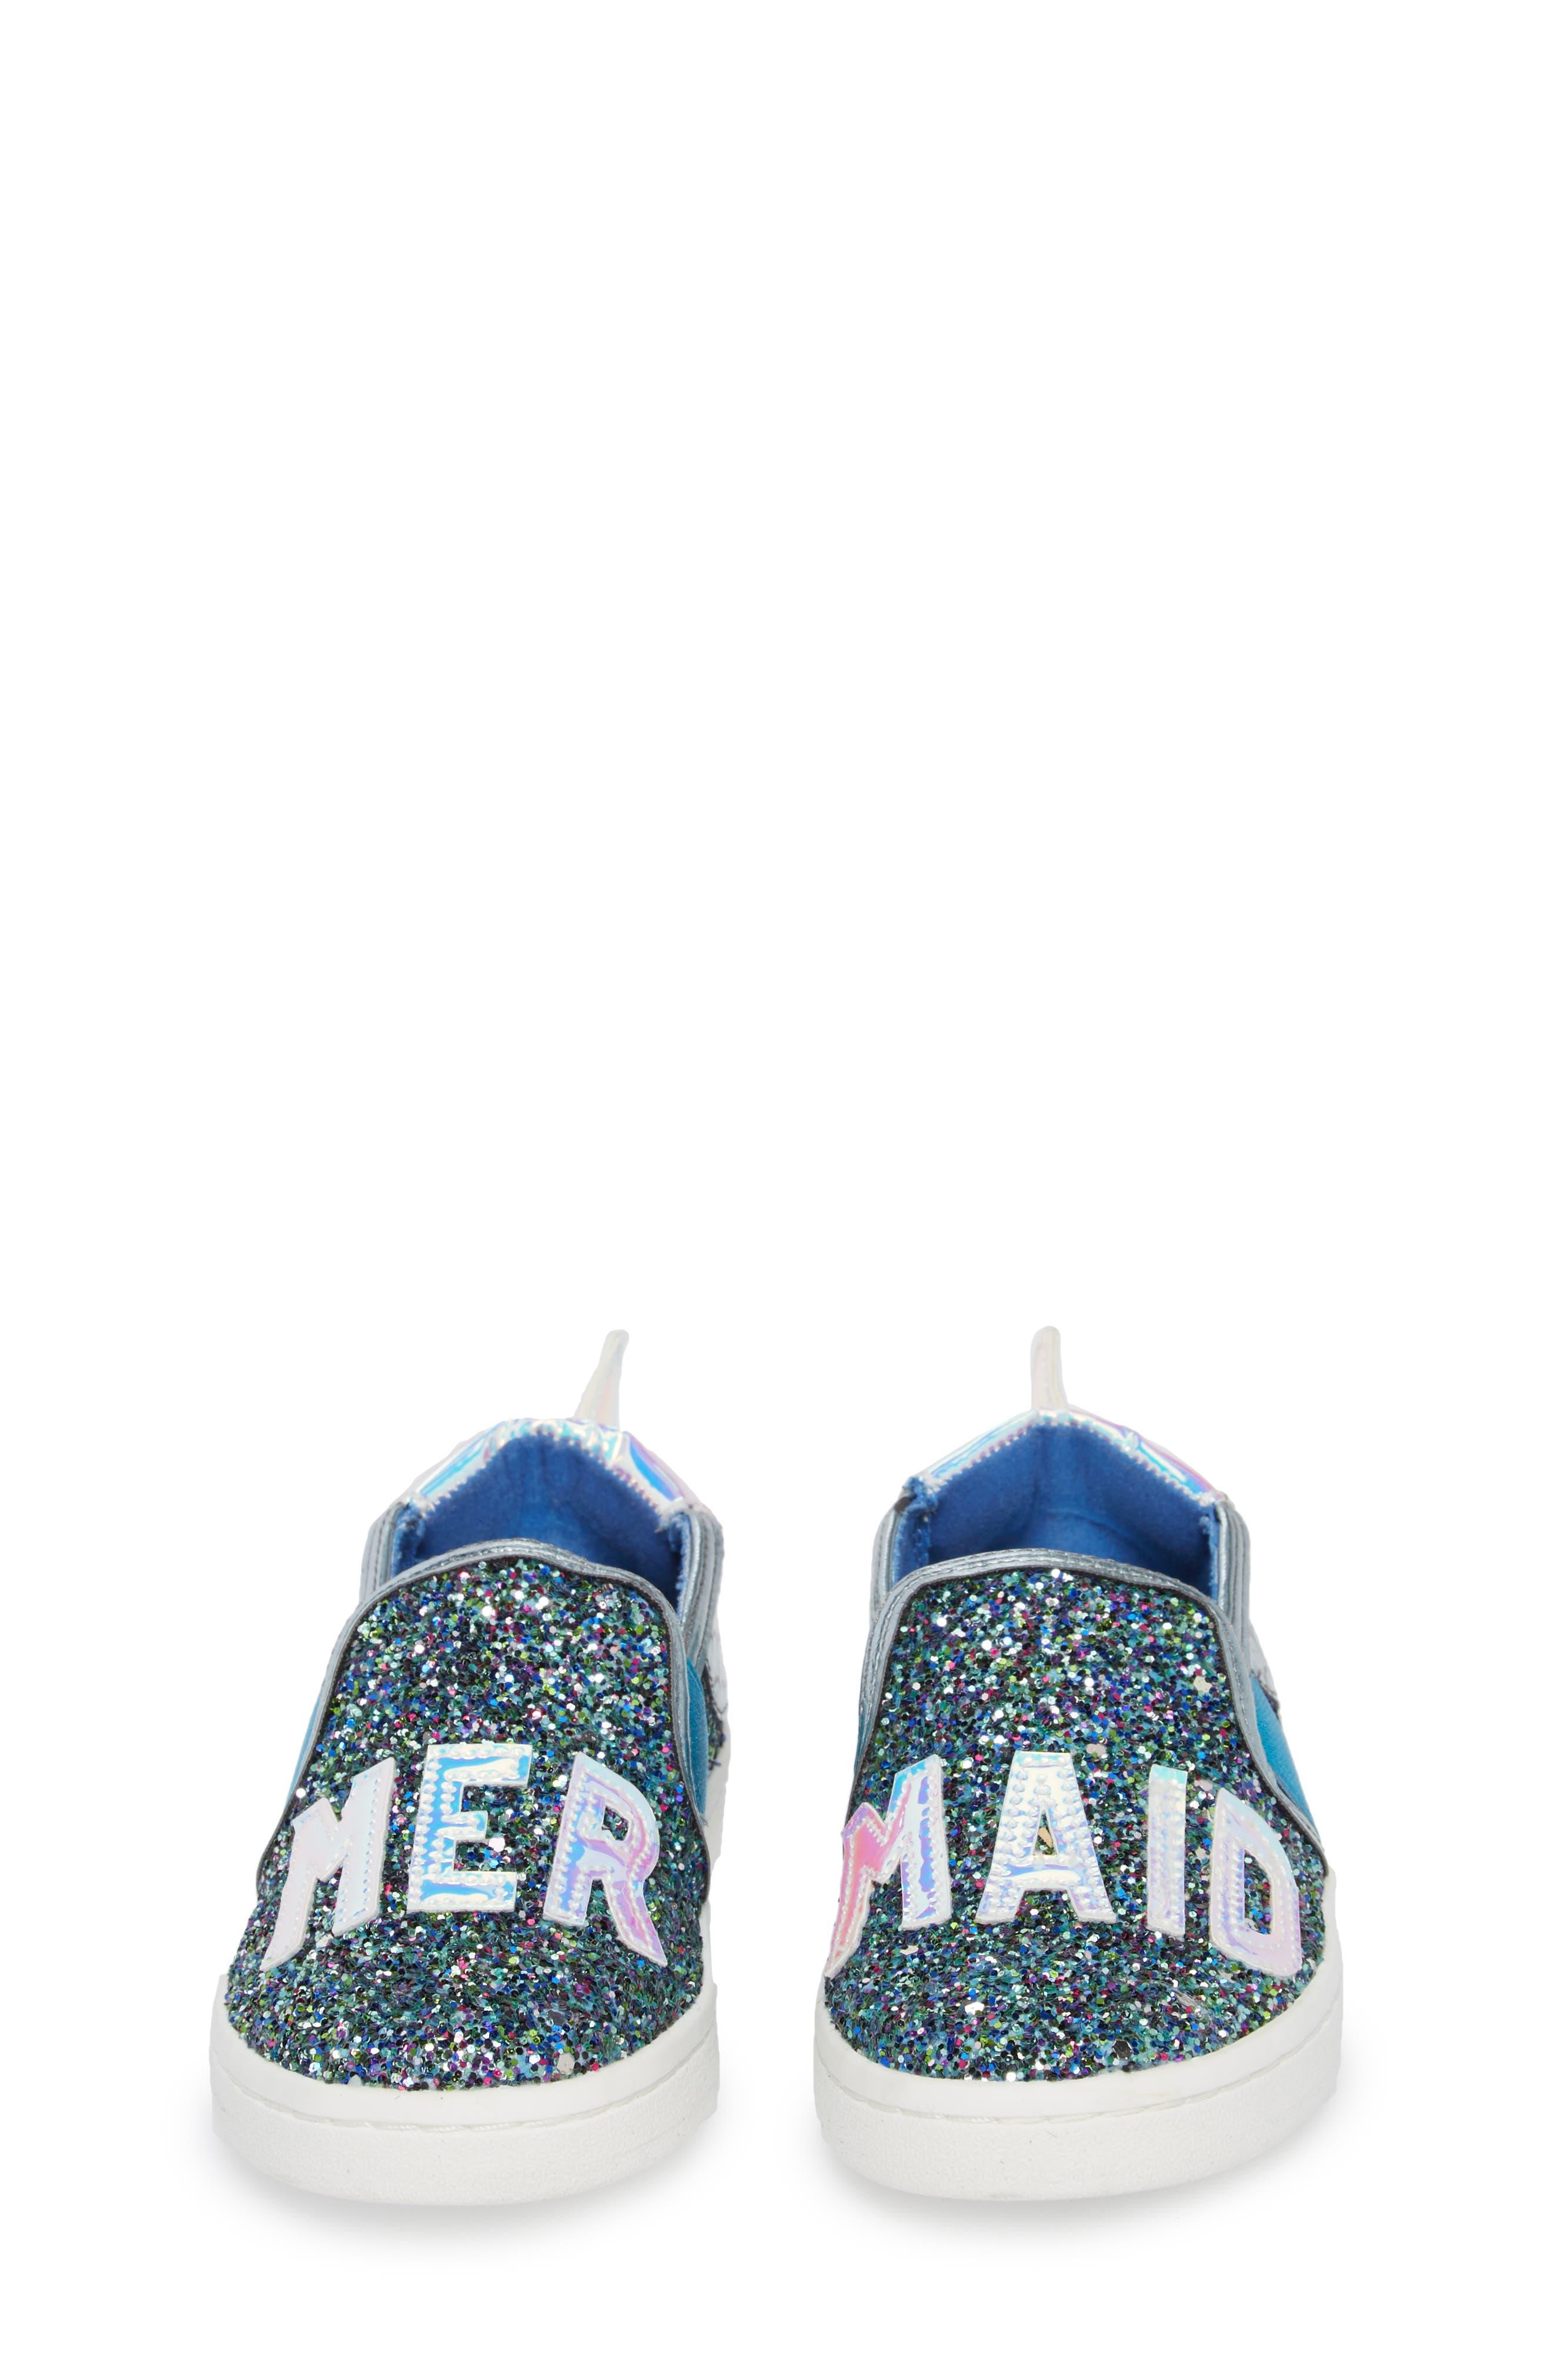 Blane Slip-On Sneaker,                             Alternate thumbnail 4, color,                             Blue Glitter